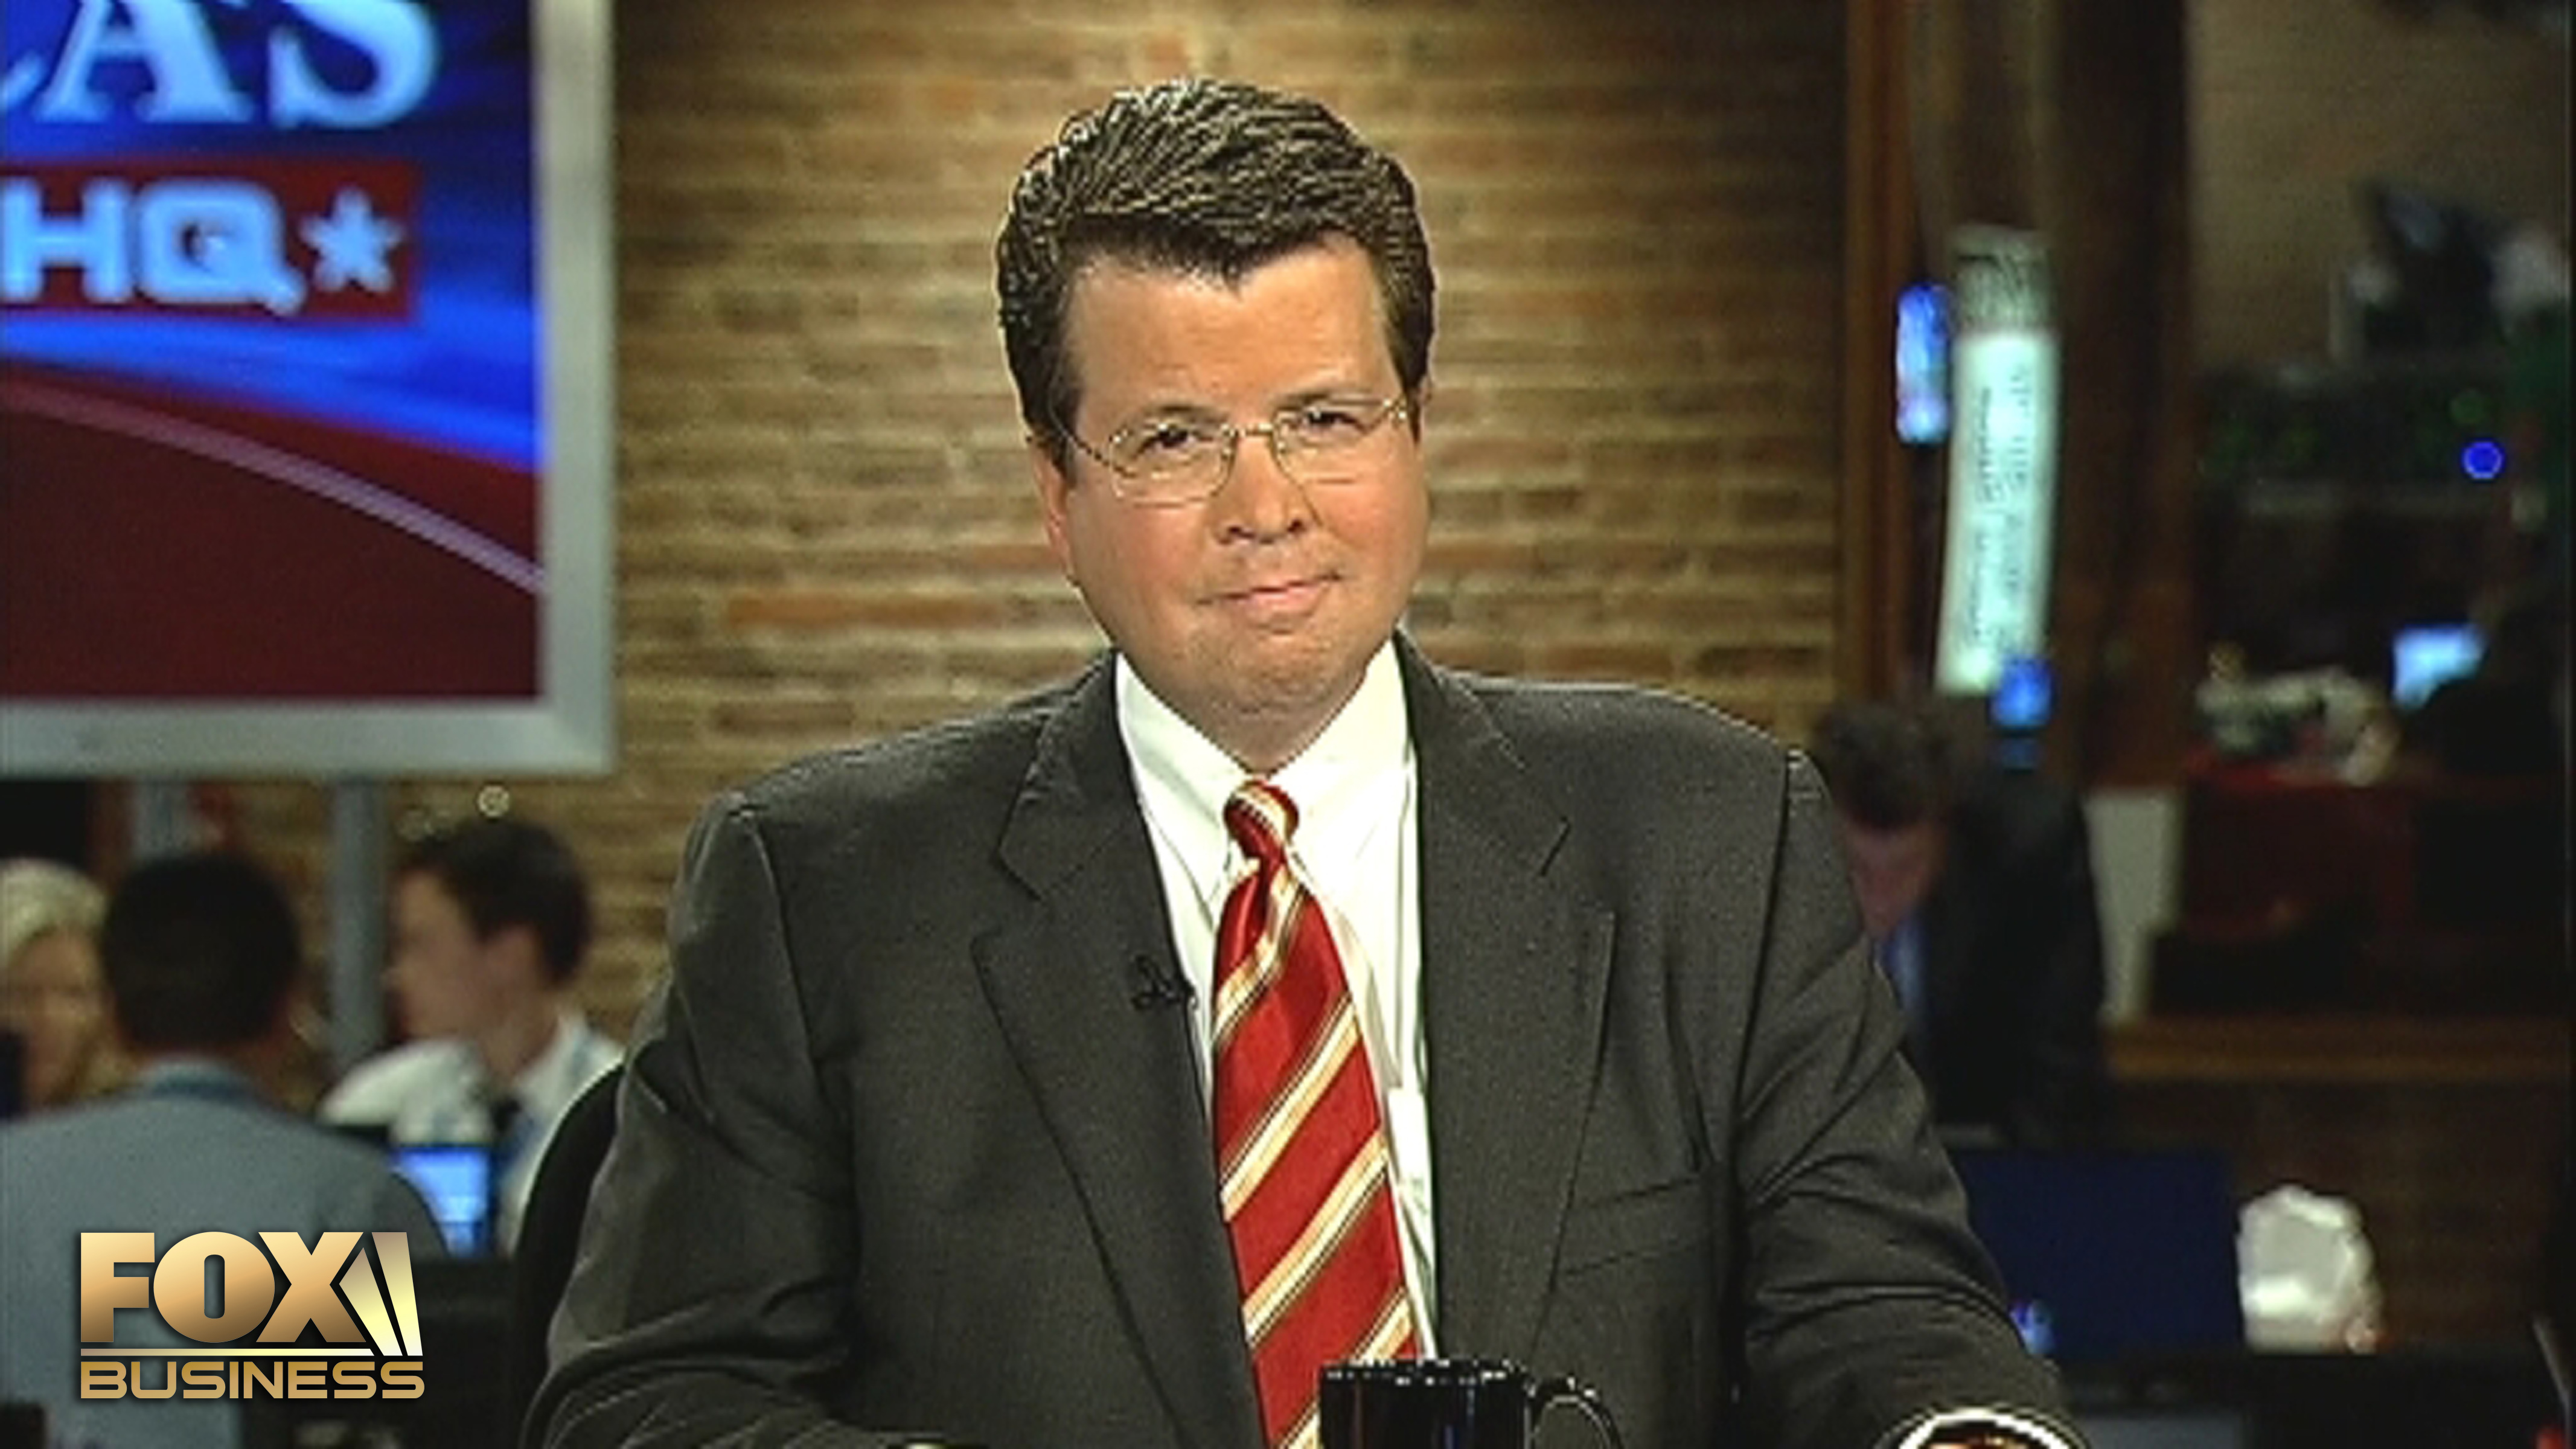 Fox News Women Anchors Oops